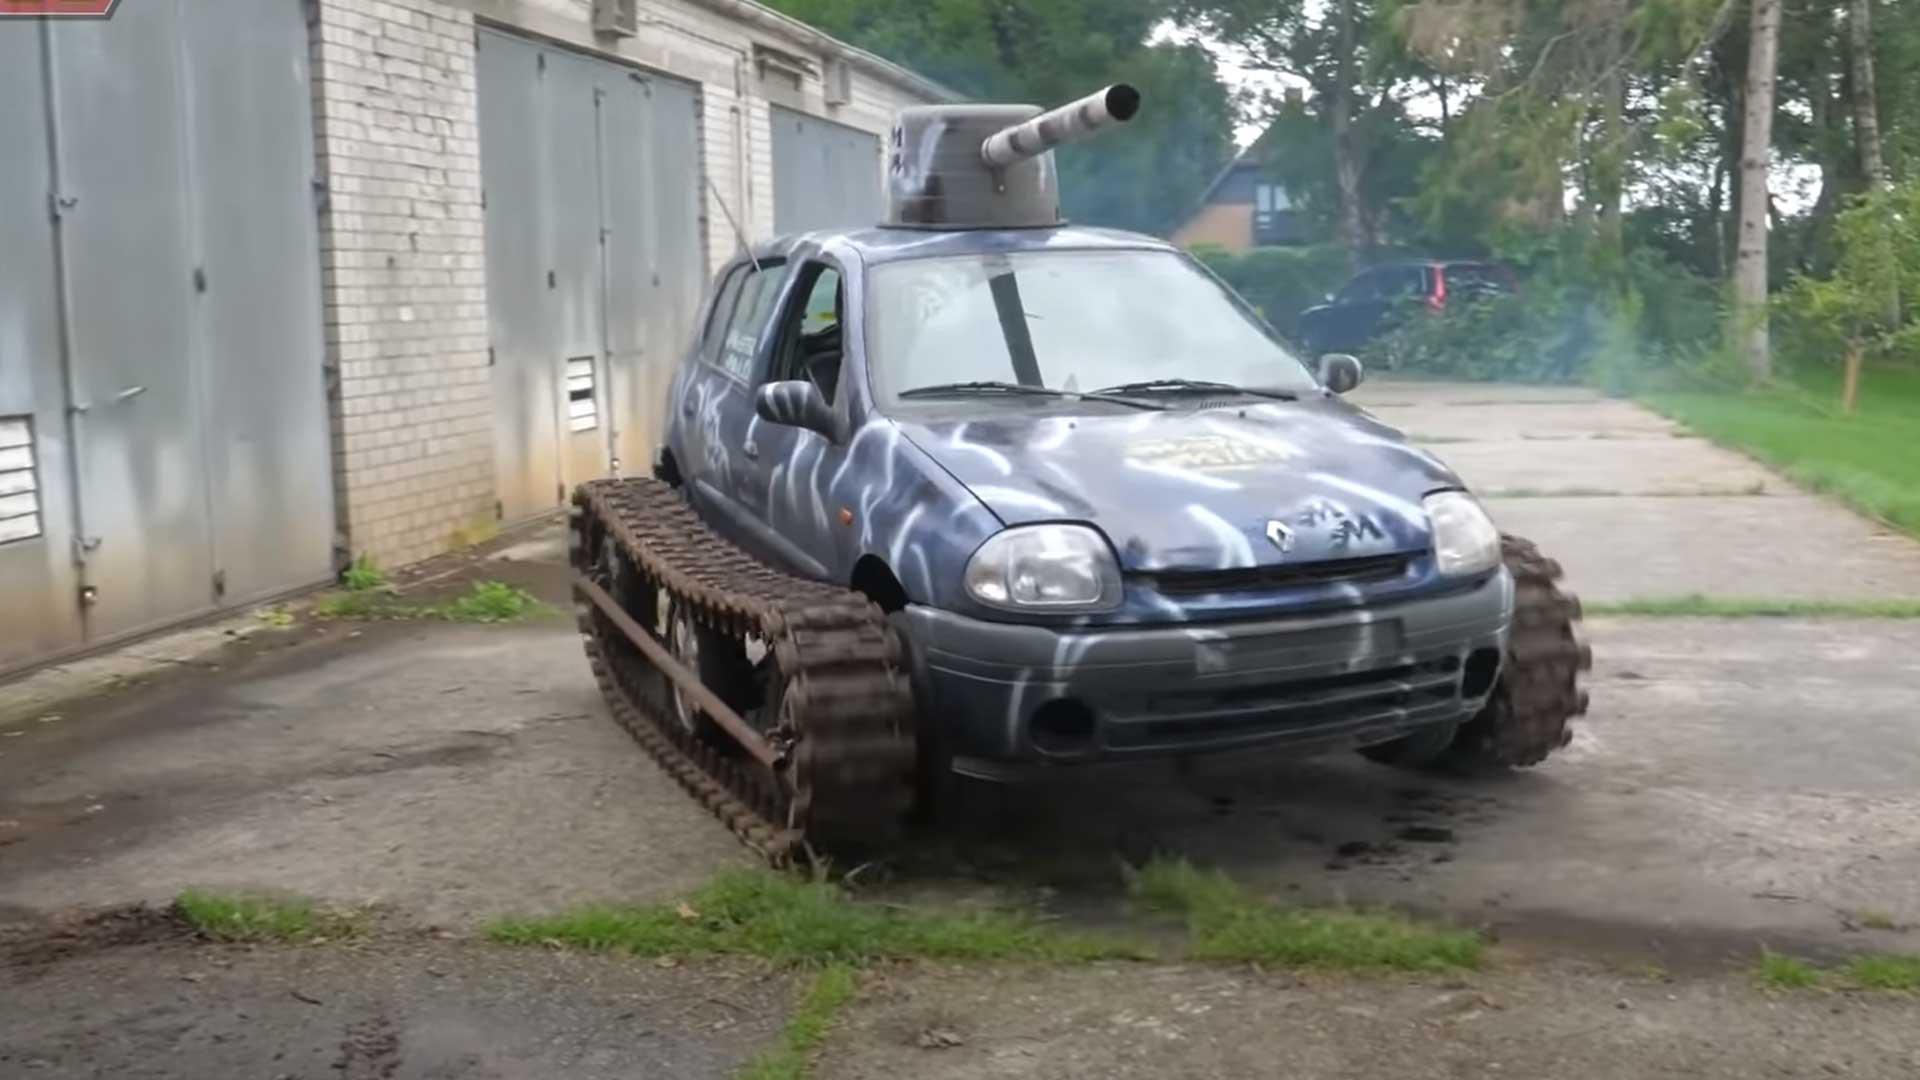 Renault Clio-tank rijdt op rupsbanden